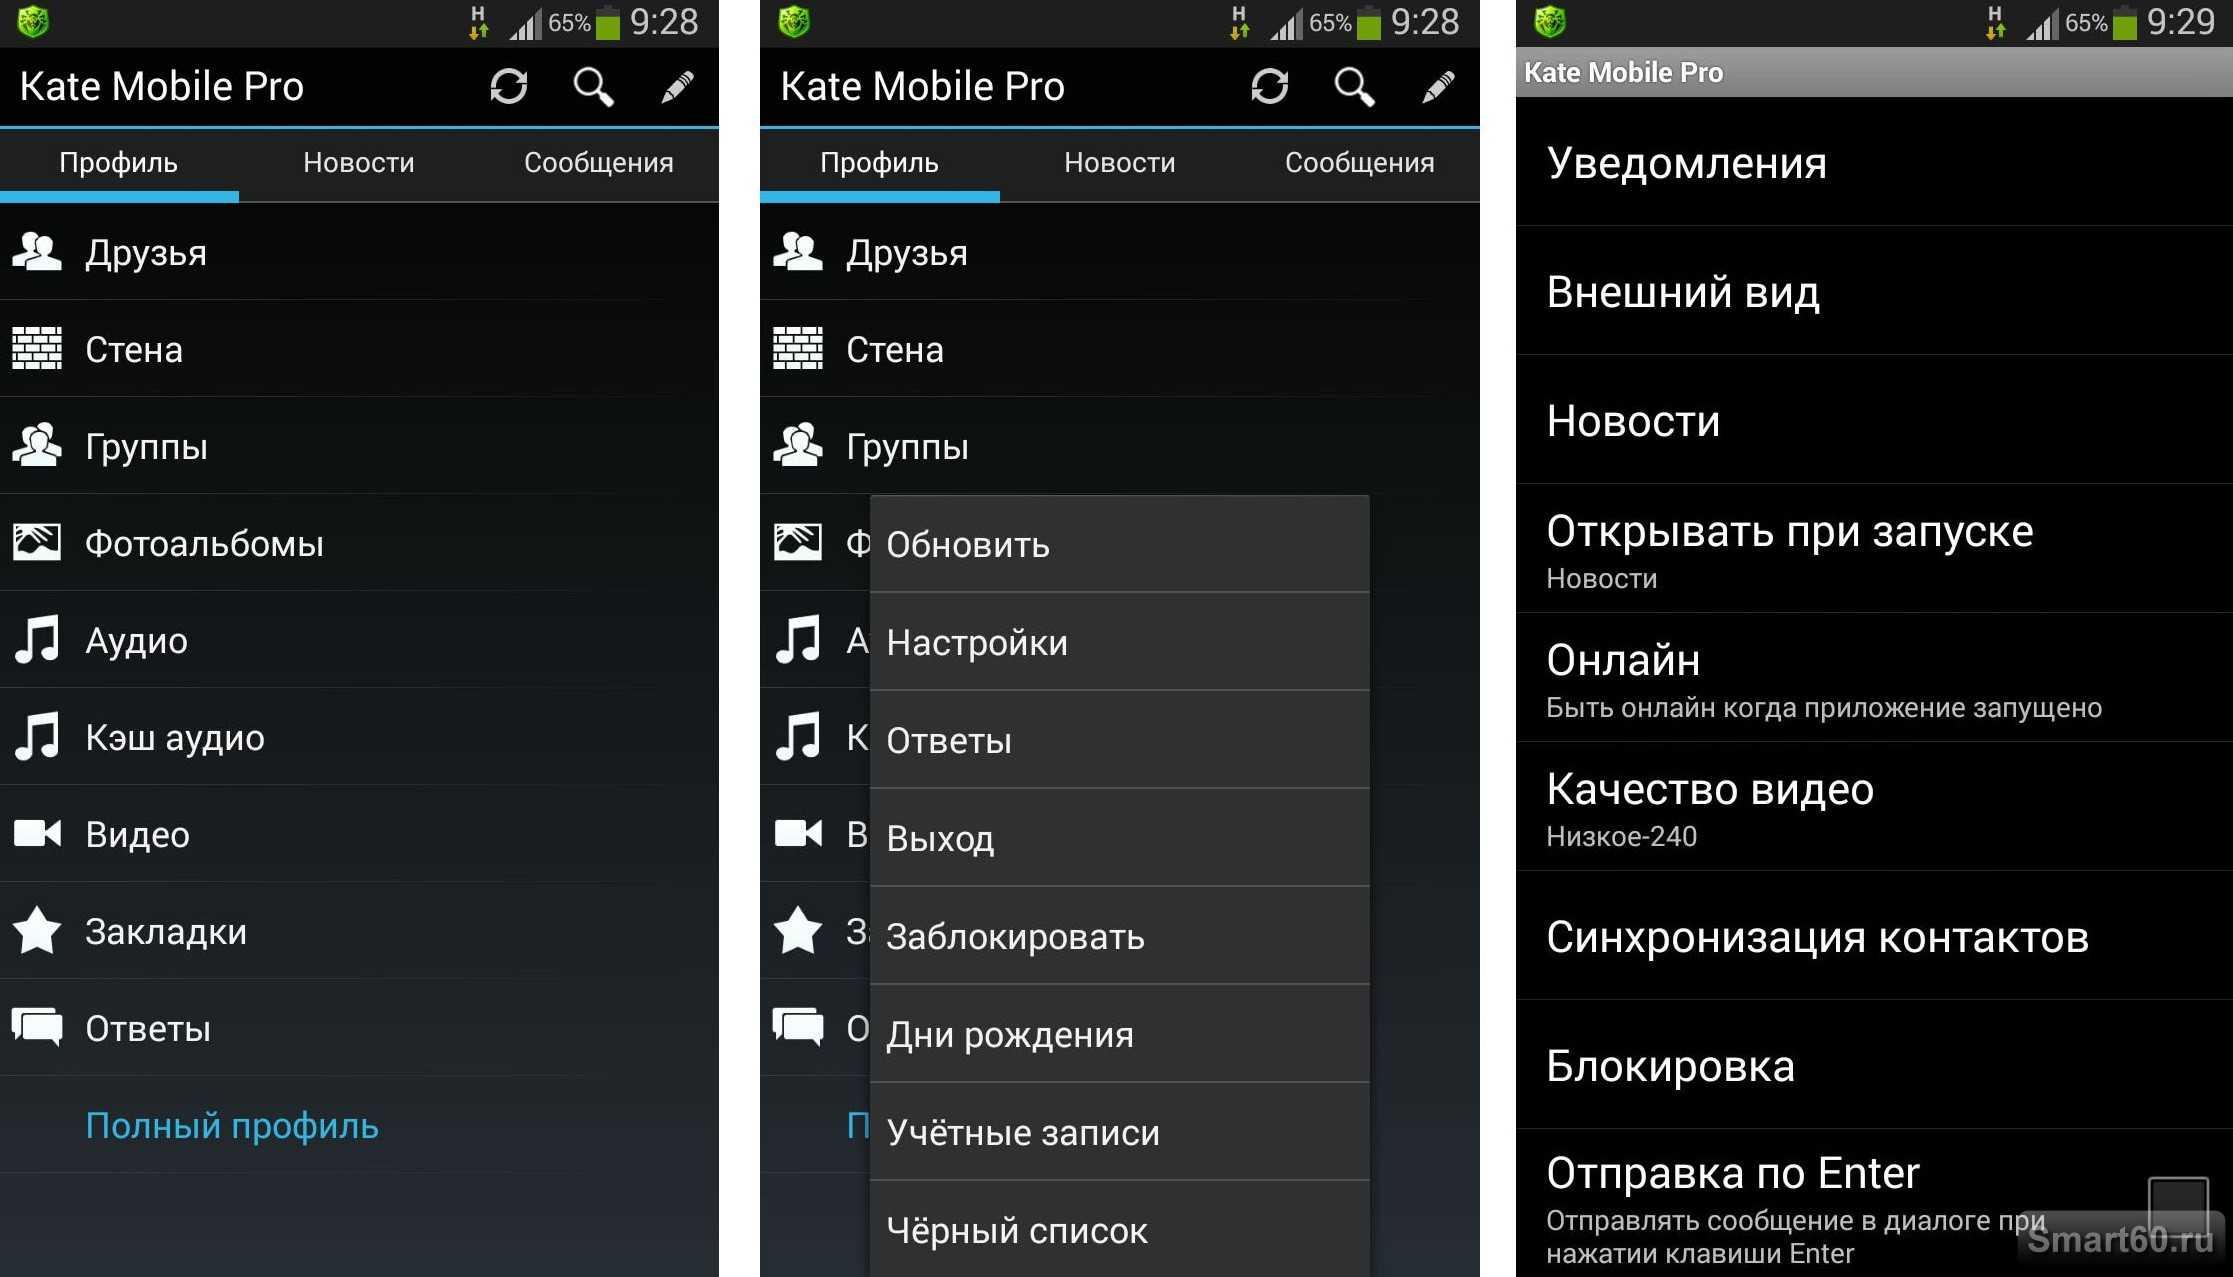 Скачать kate mobile на айфон.